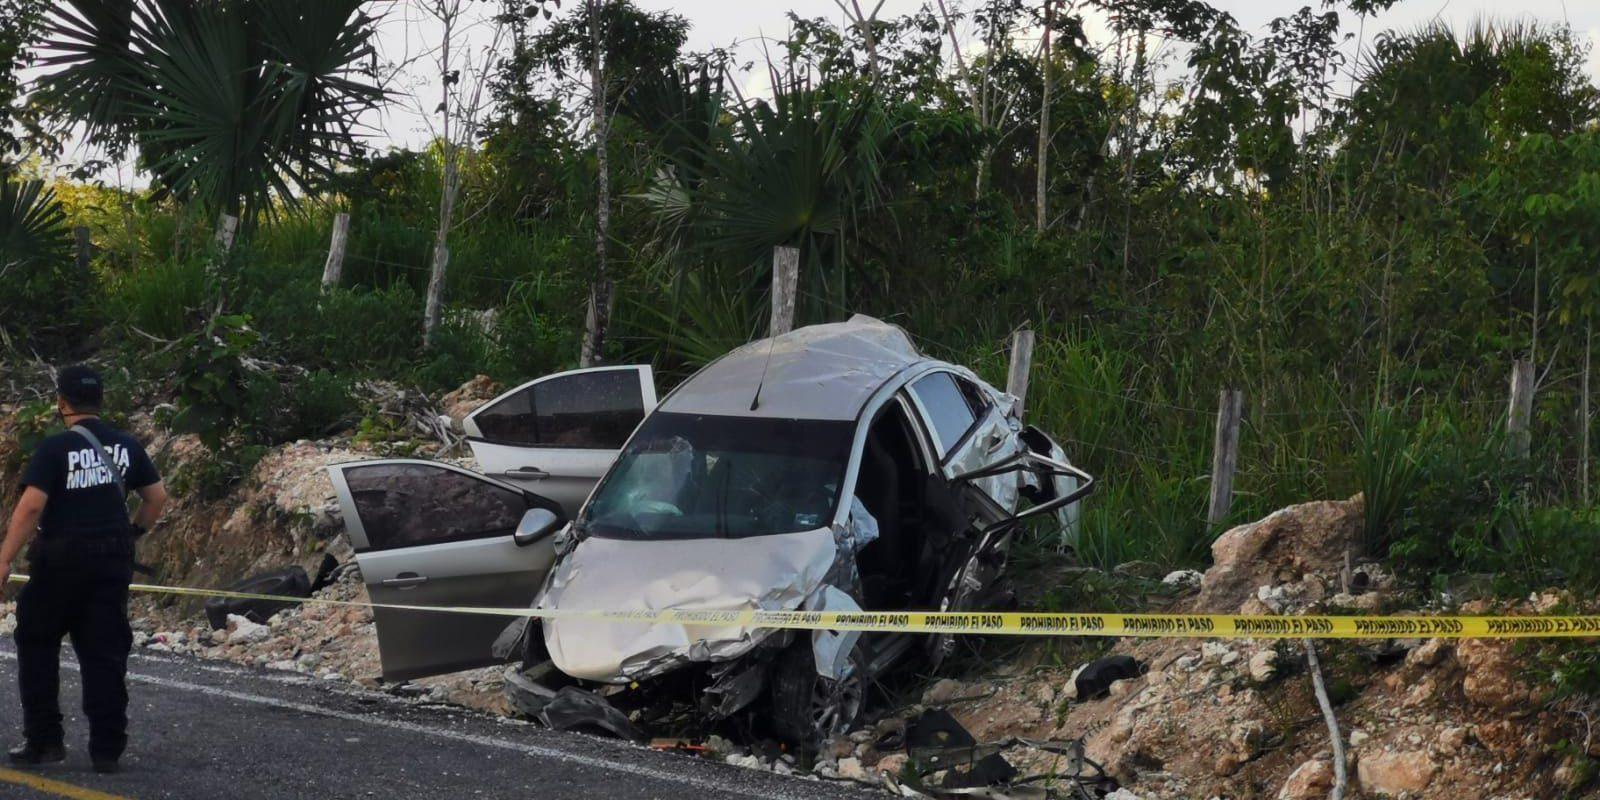 Muere esposa de candidato; regresaban de un mitin cuando sufrieron un accidente vehicular